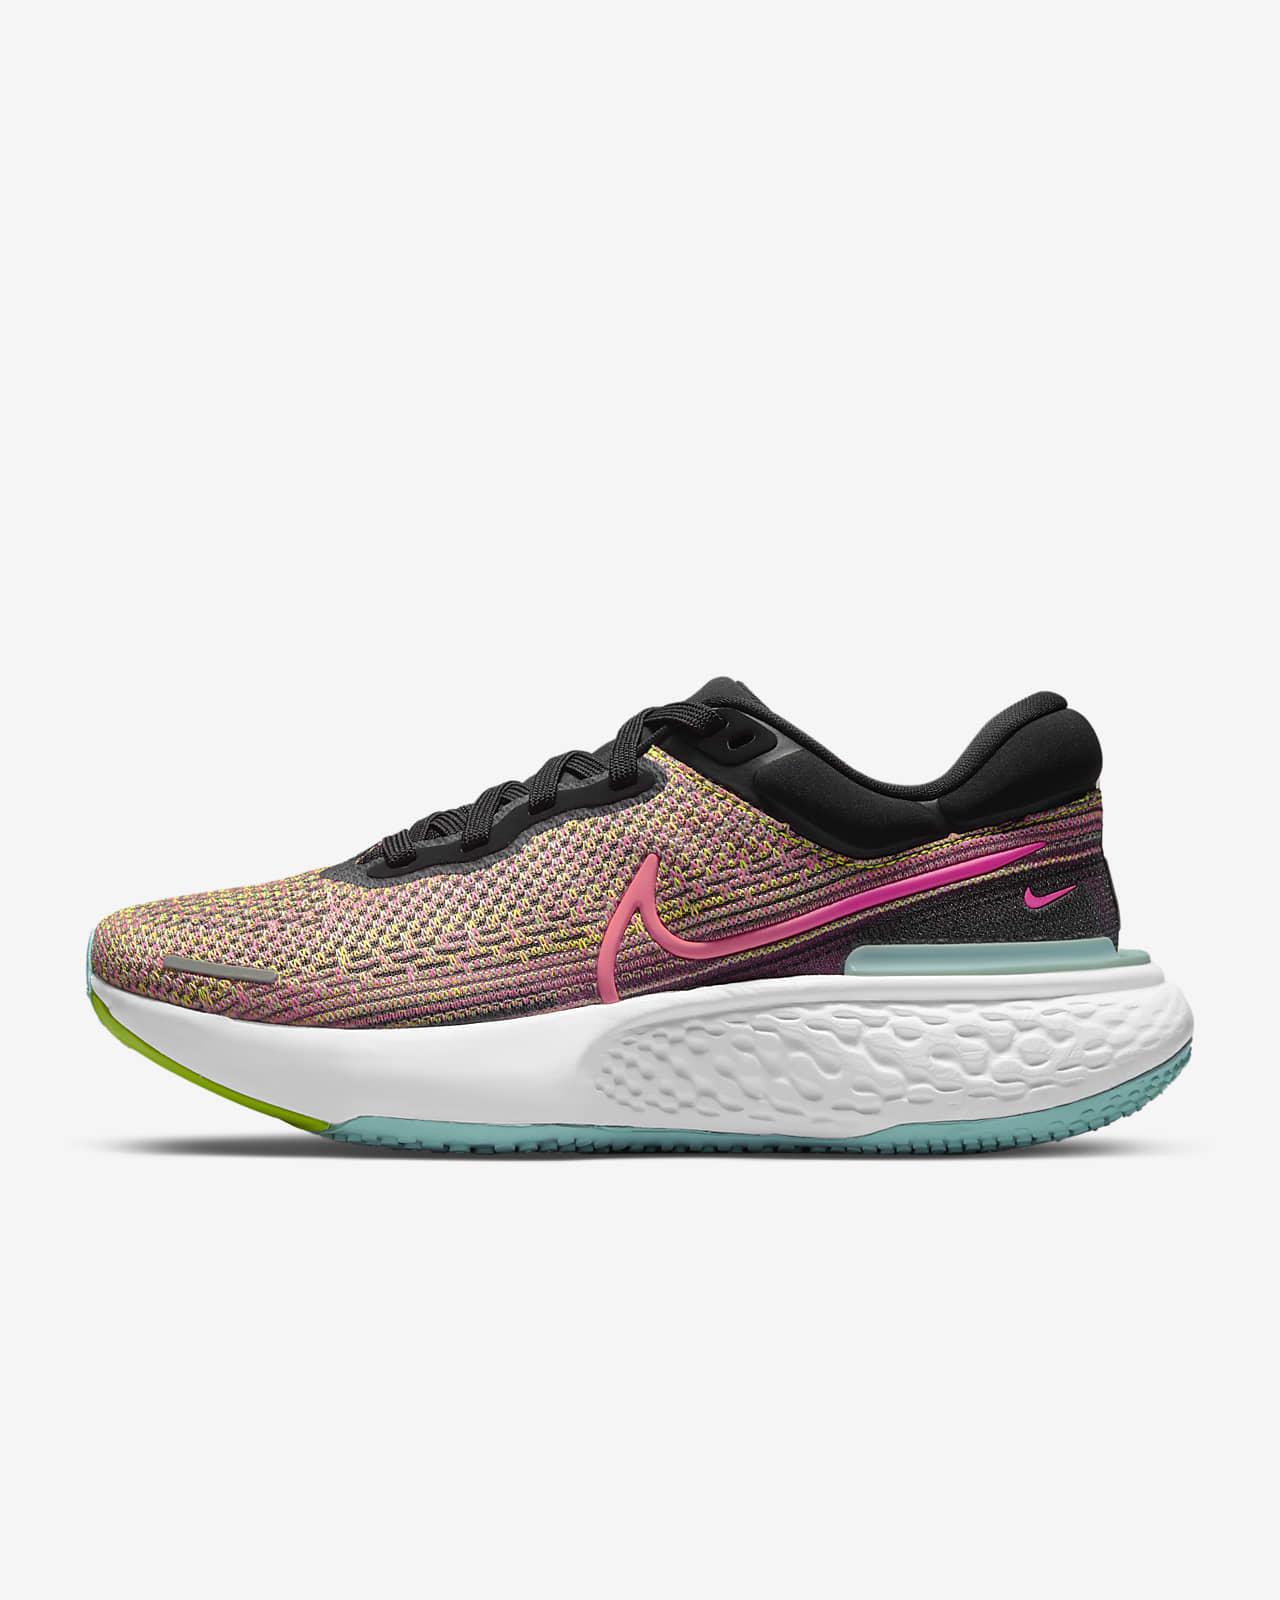 Nike ZoomX Invincible Run Flyknit Women's Running Shoes